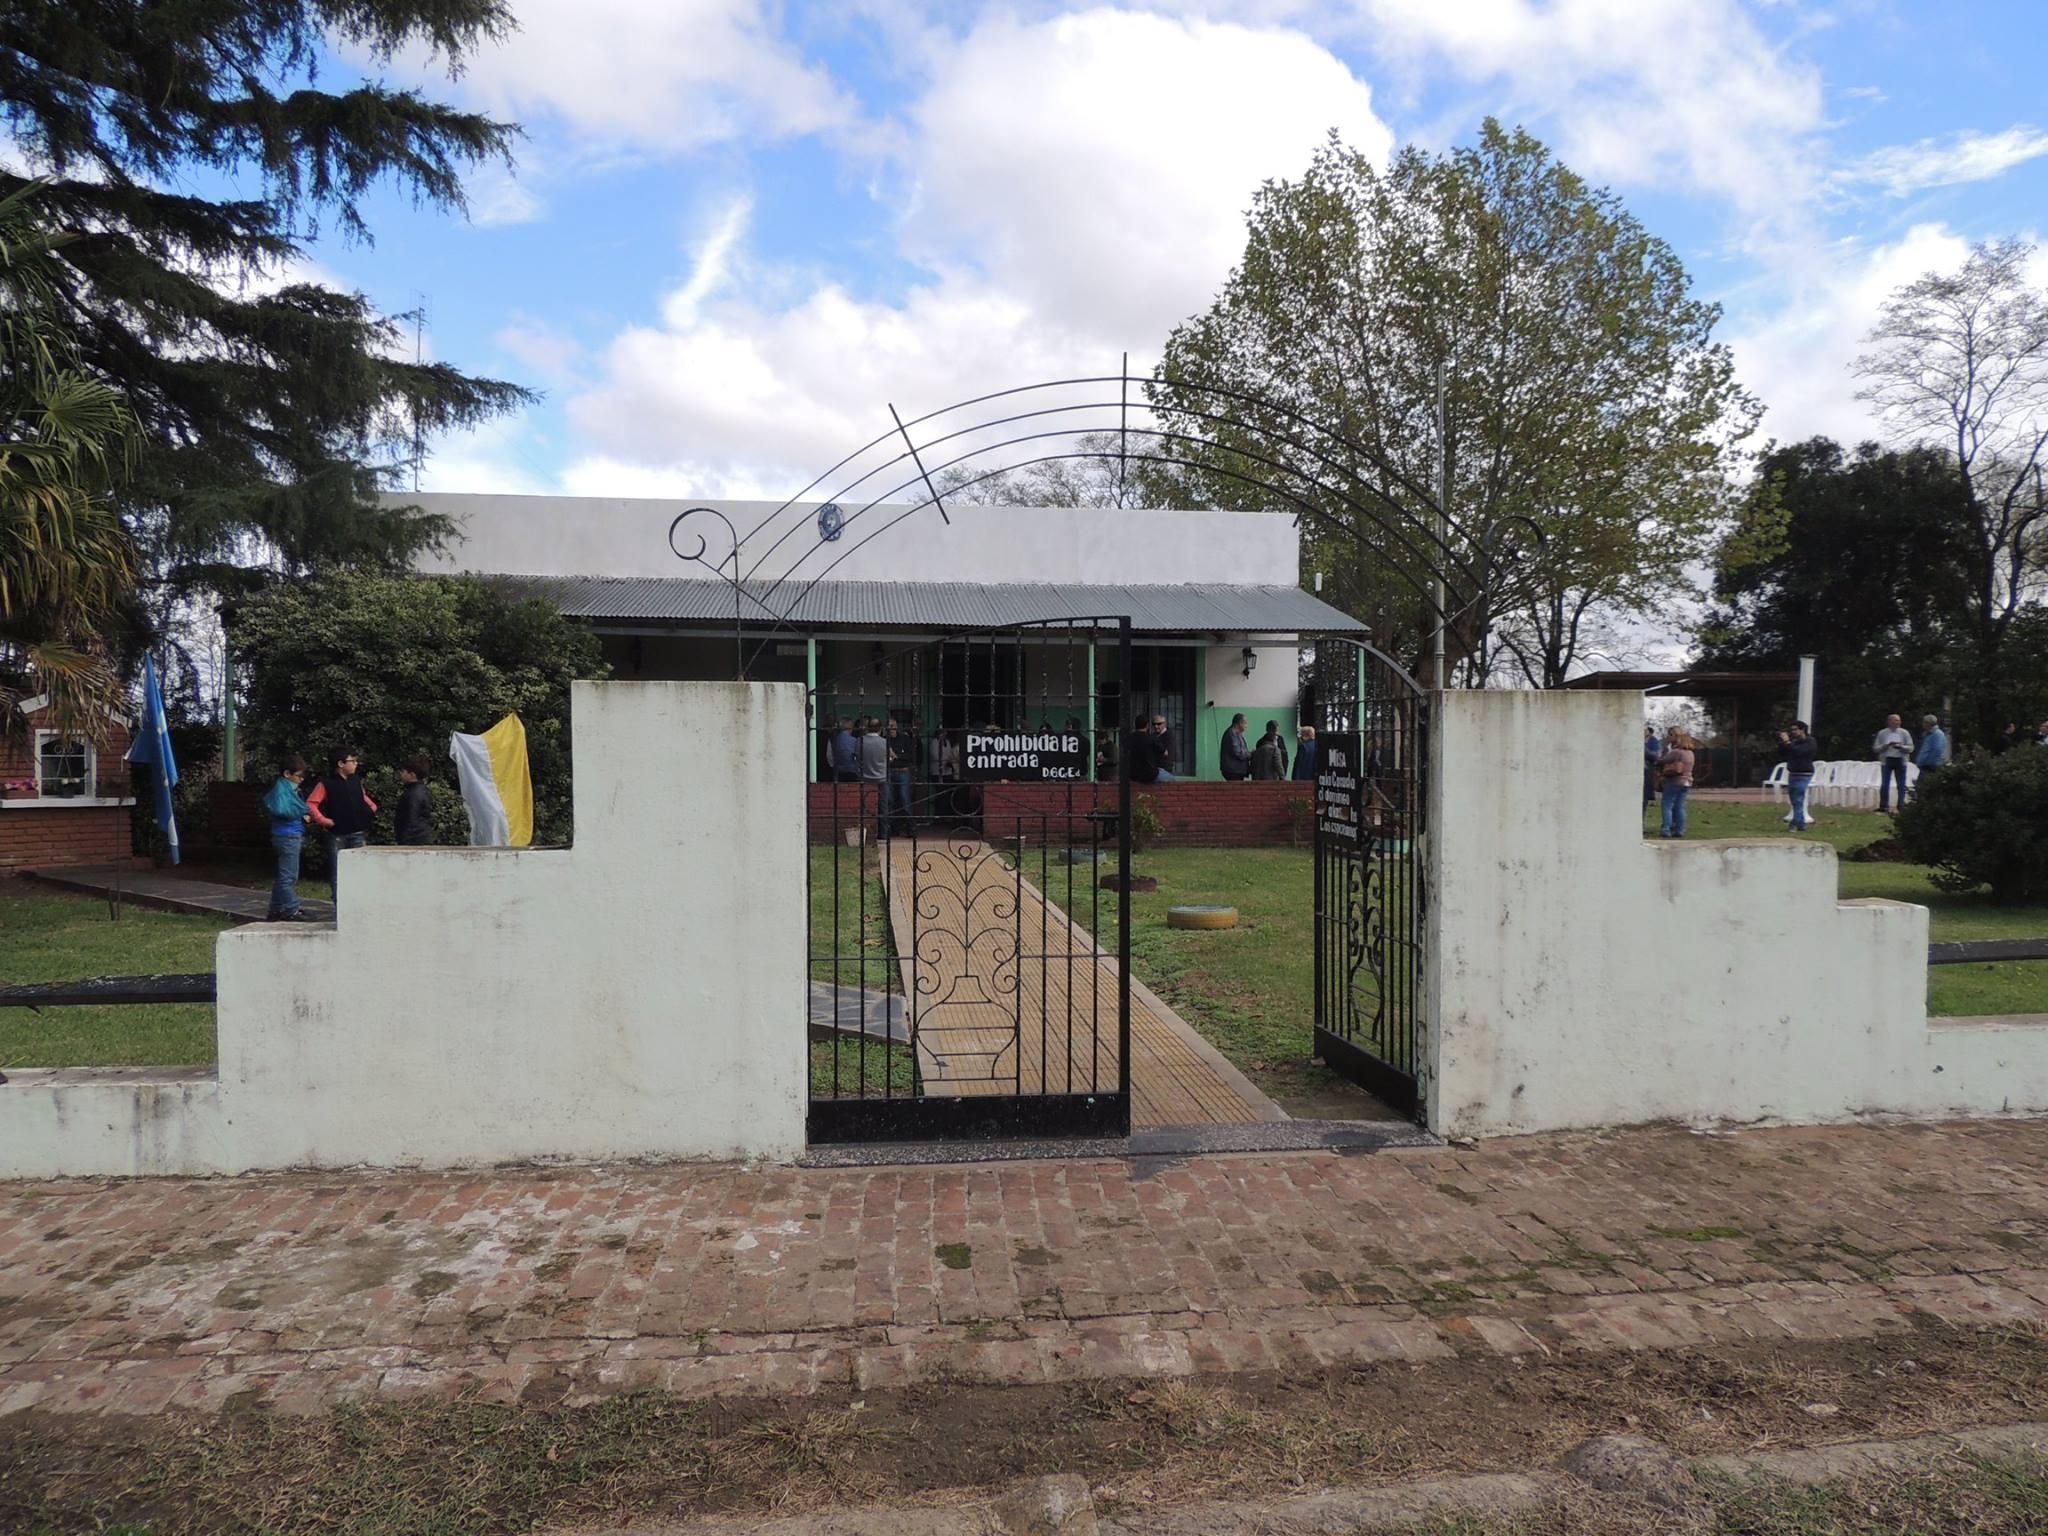 """La clausura de las Escuelas primarias, Nros. 16 """"Esteban Echeverría"""" y 26 """"Paula Albarracín"""" , del partido de Chivilcoy (2018)."""